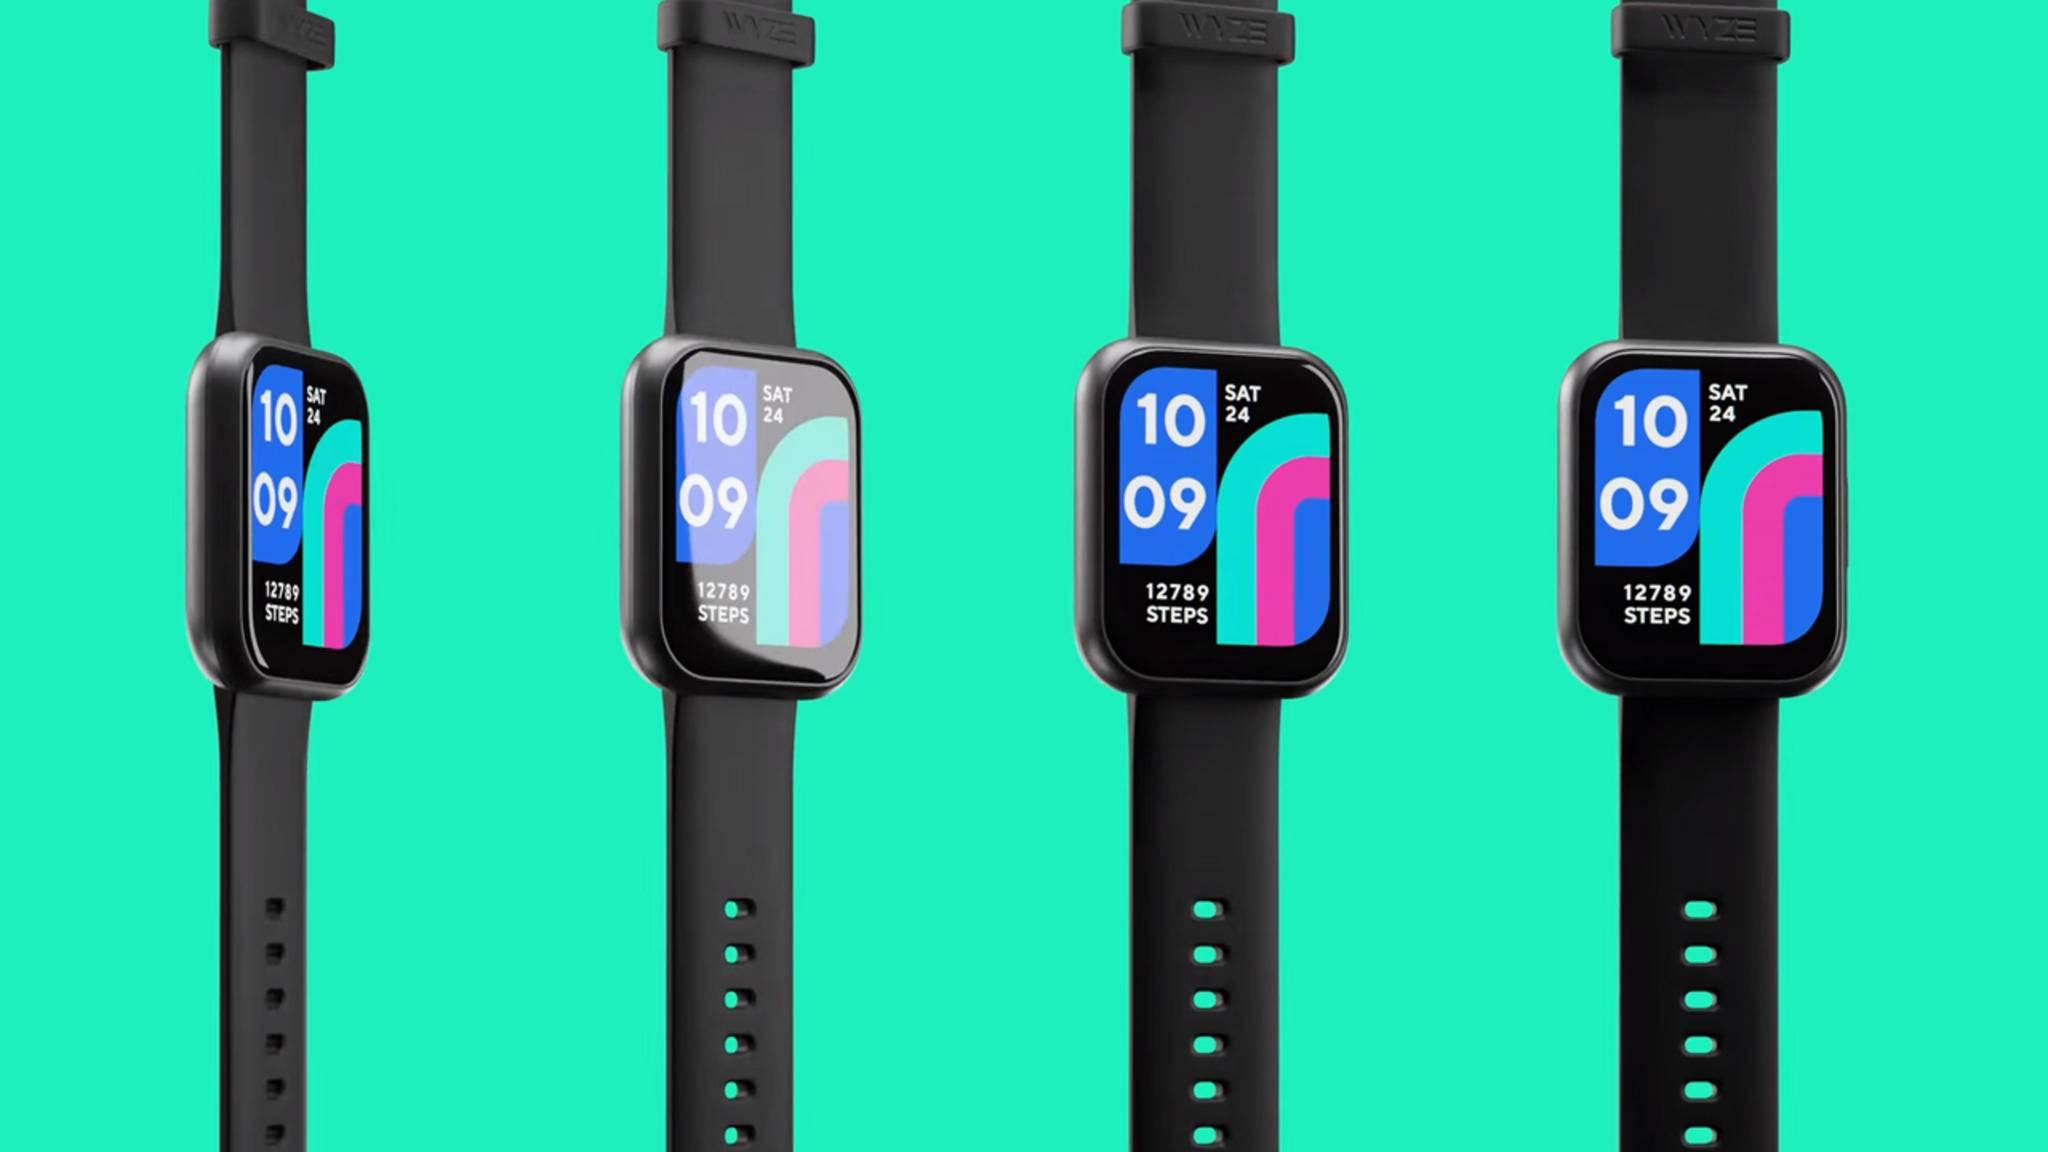 Die Wyze Watch erinnert optisch stark an die Apple Watch.